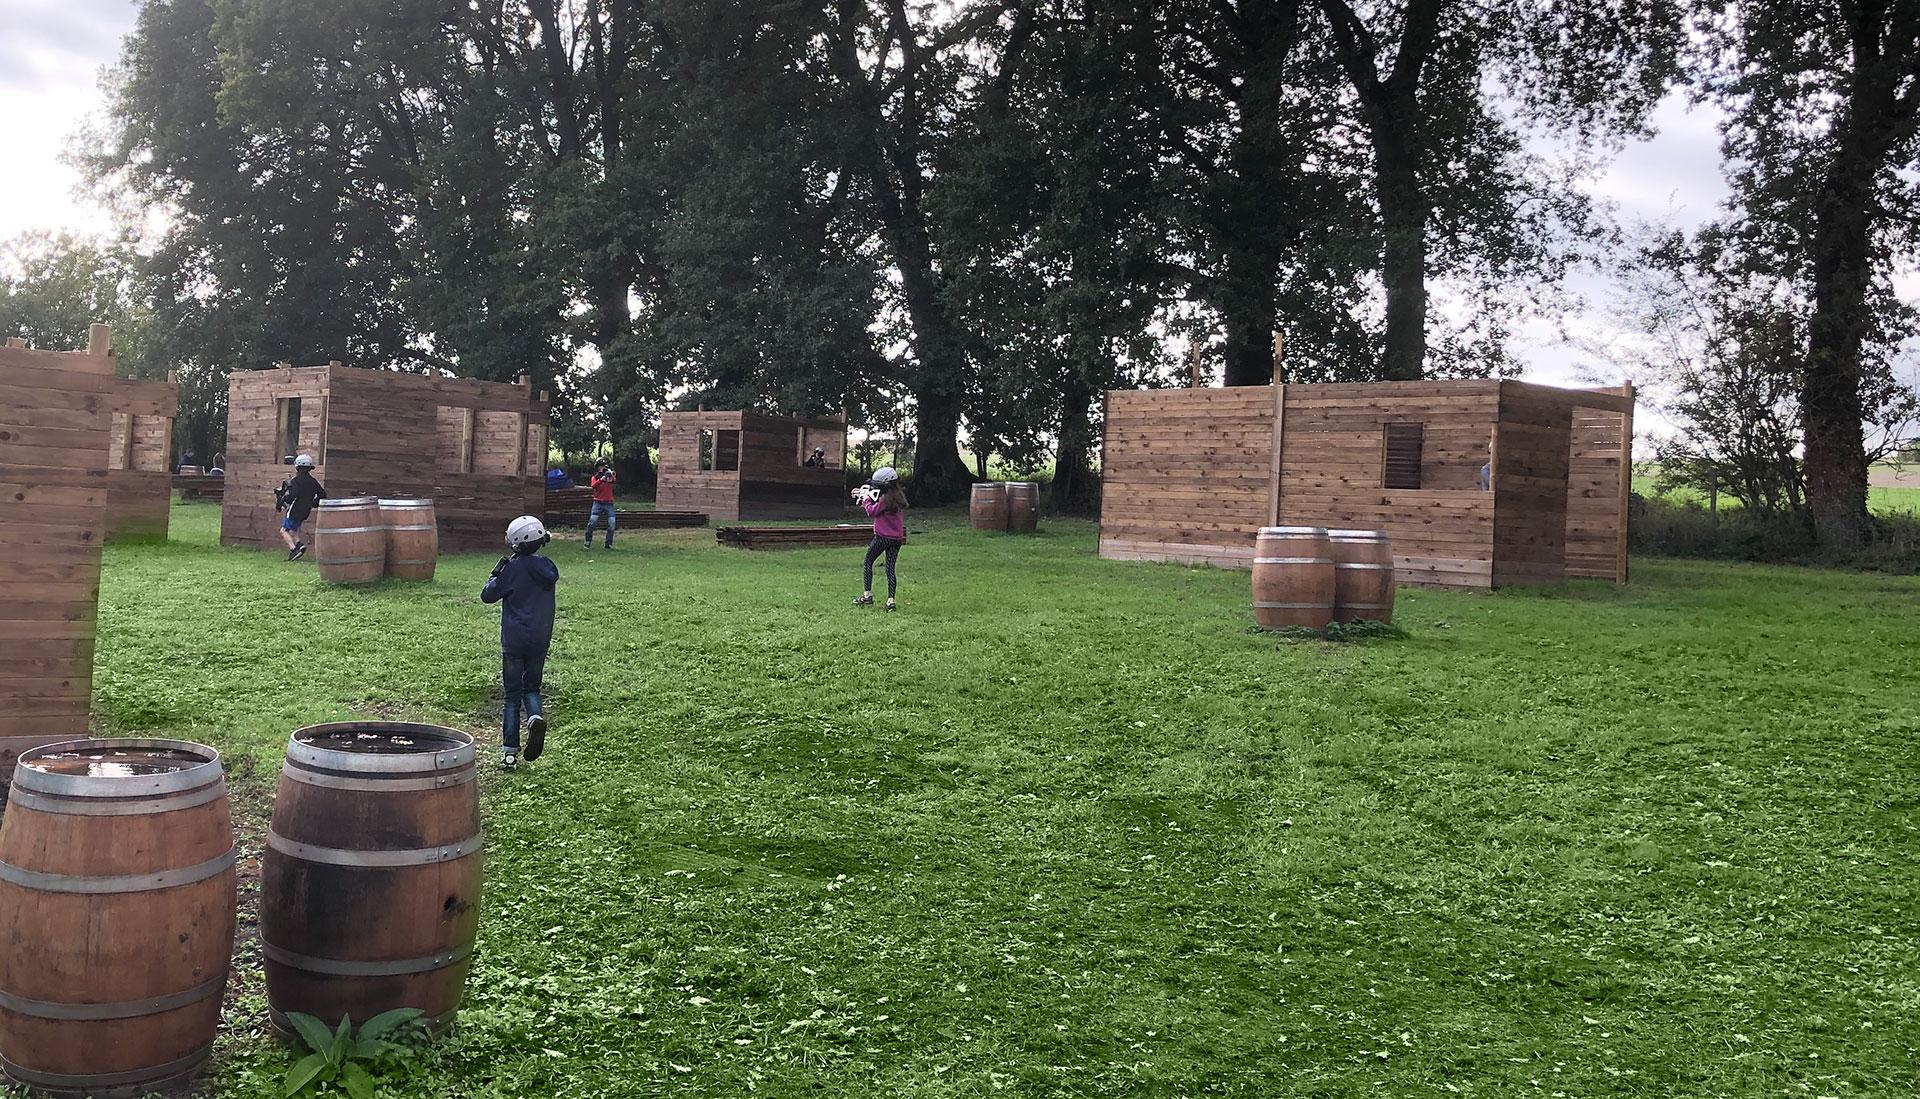 Enfants jouant au laser game au parc